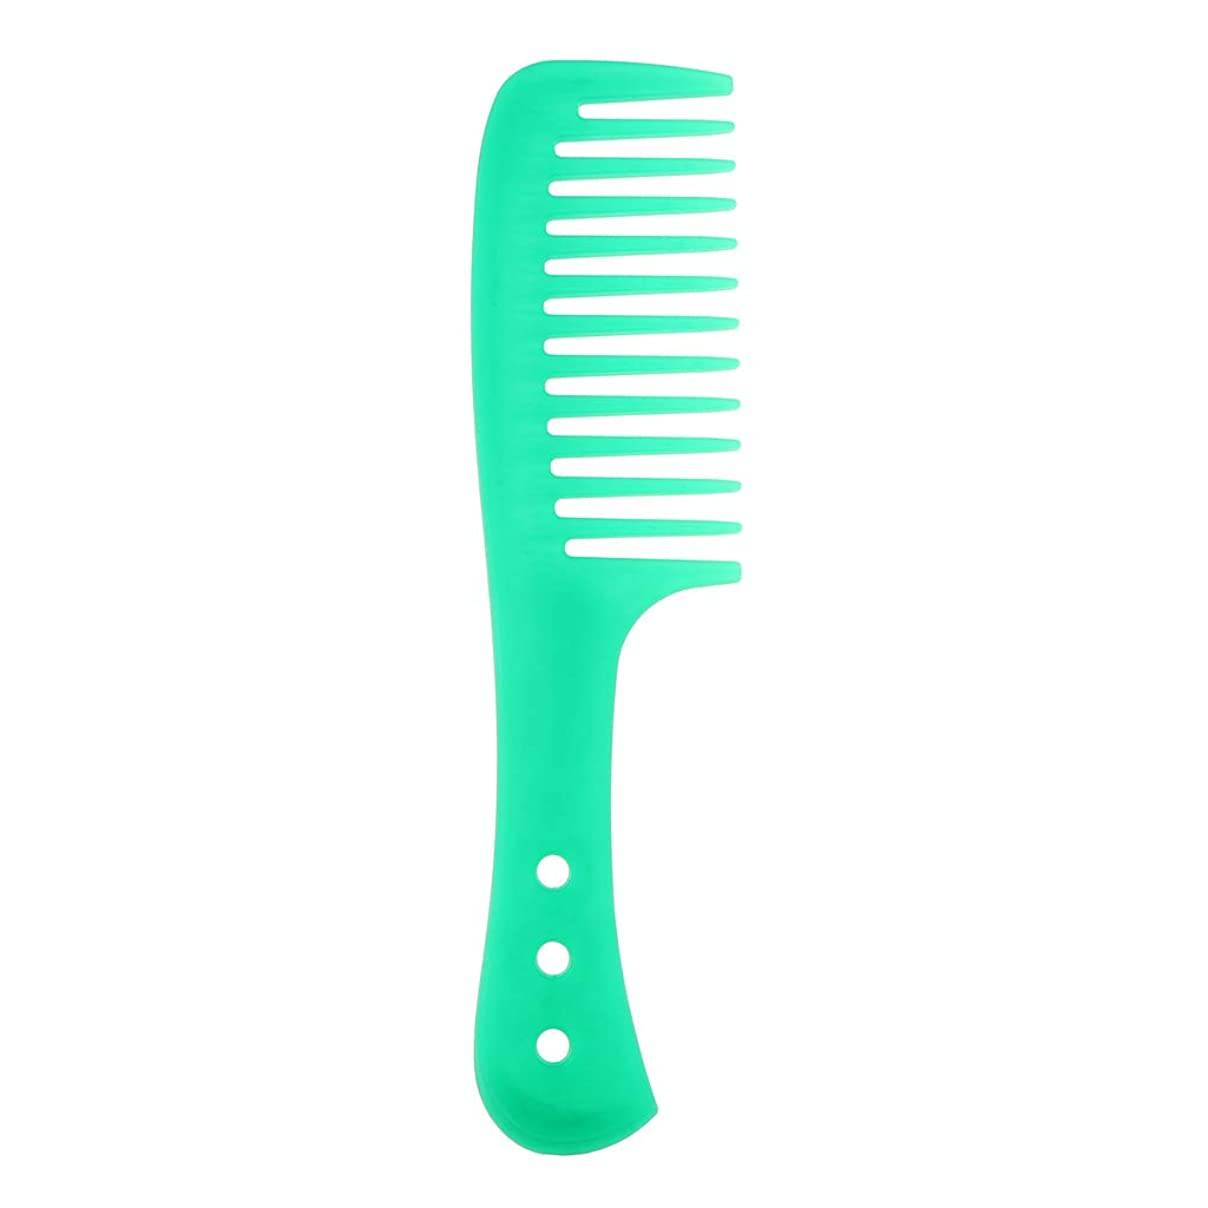 受粉する接続詞ラッシュポータブル理髪広い歯の櫛巻き毛のDetangler頭皮マッサージブラシ - 緑